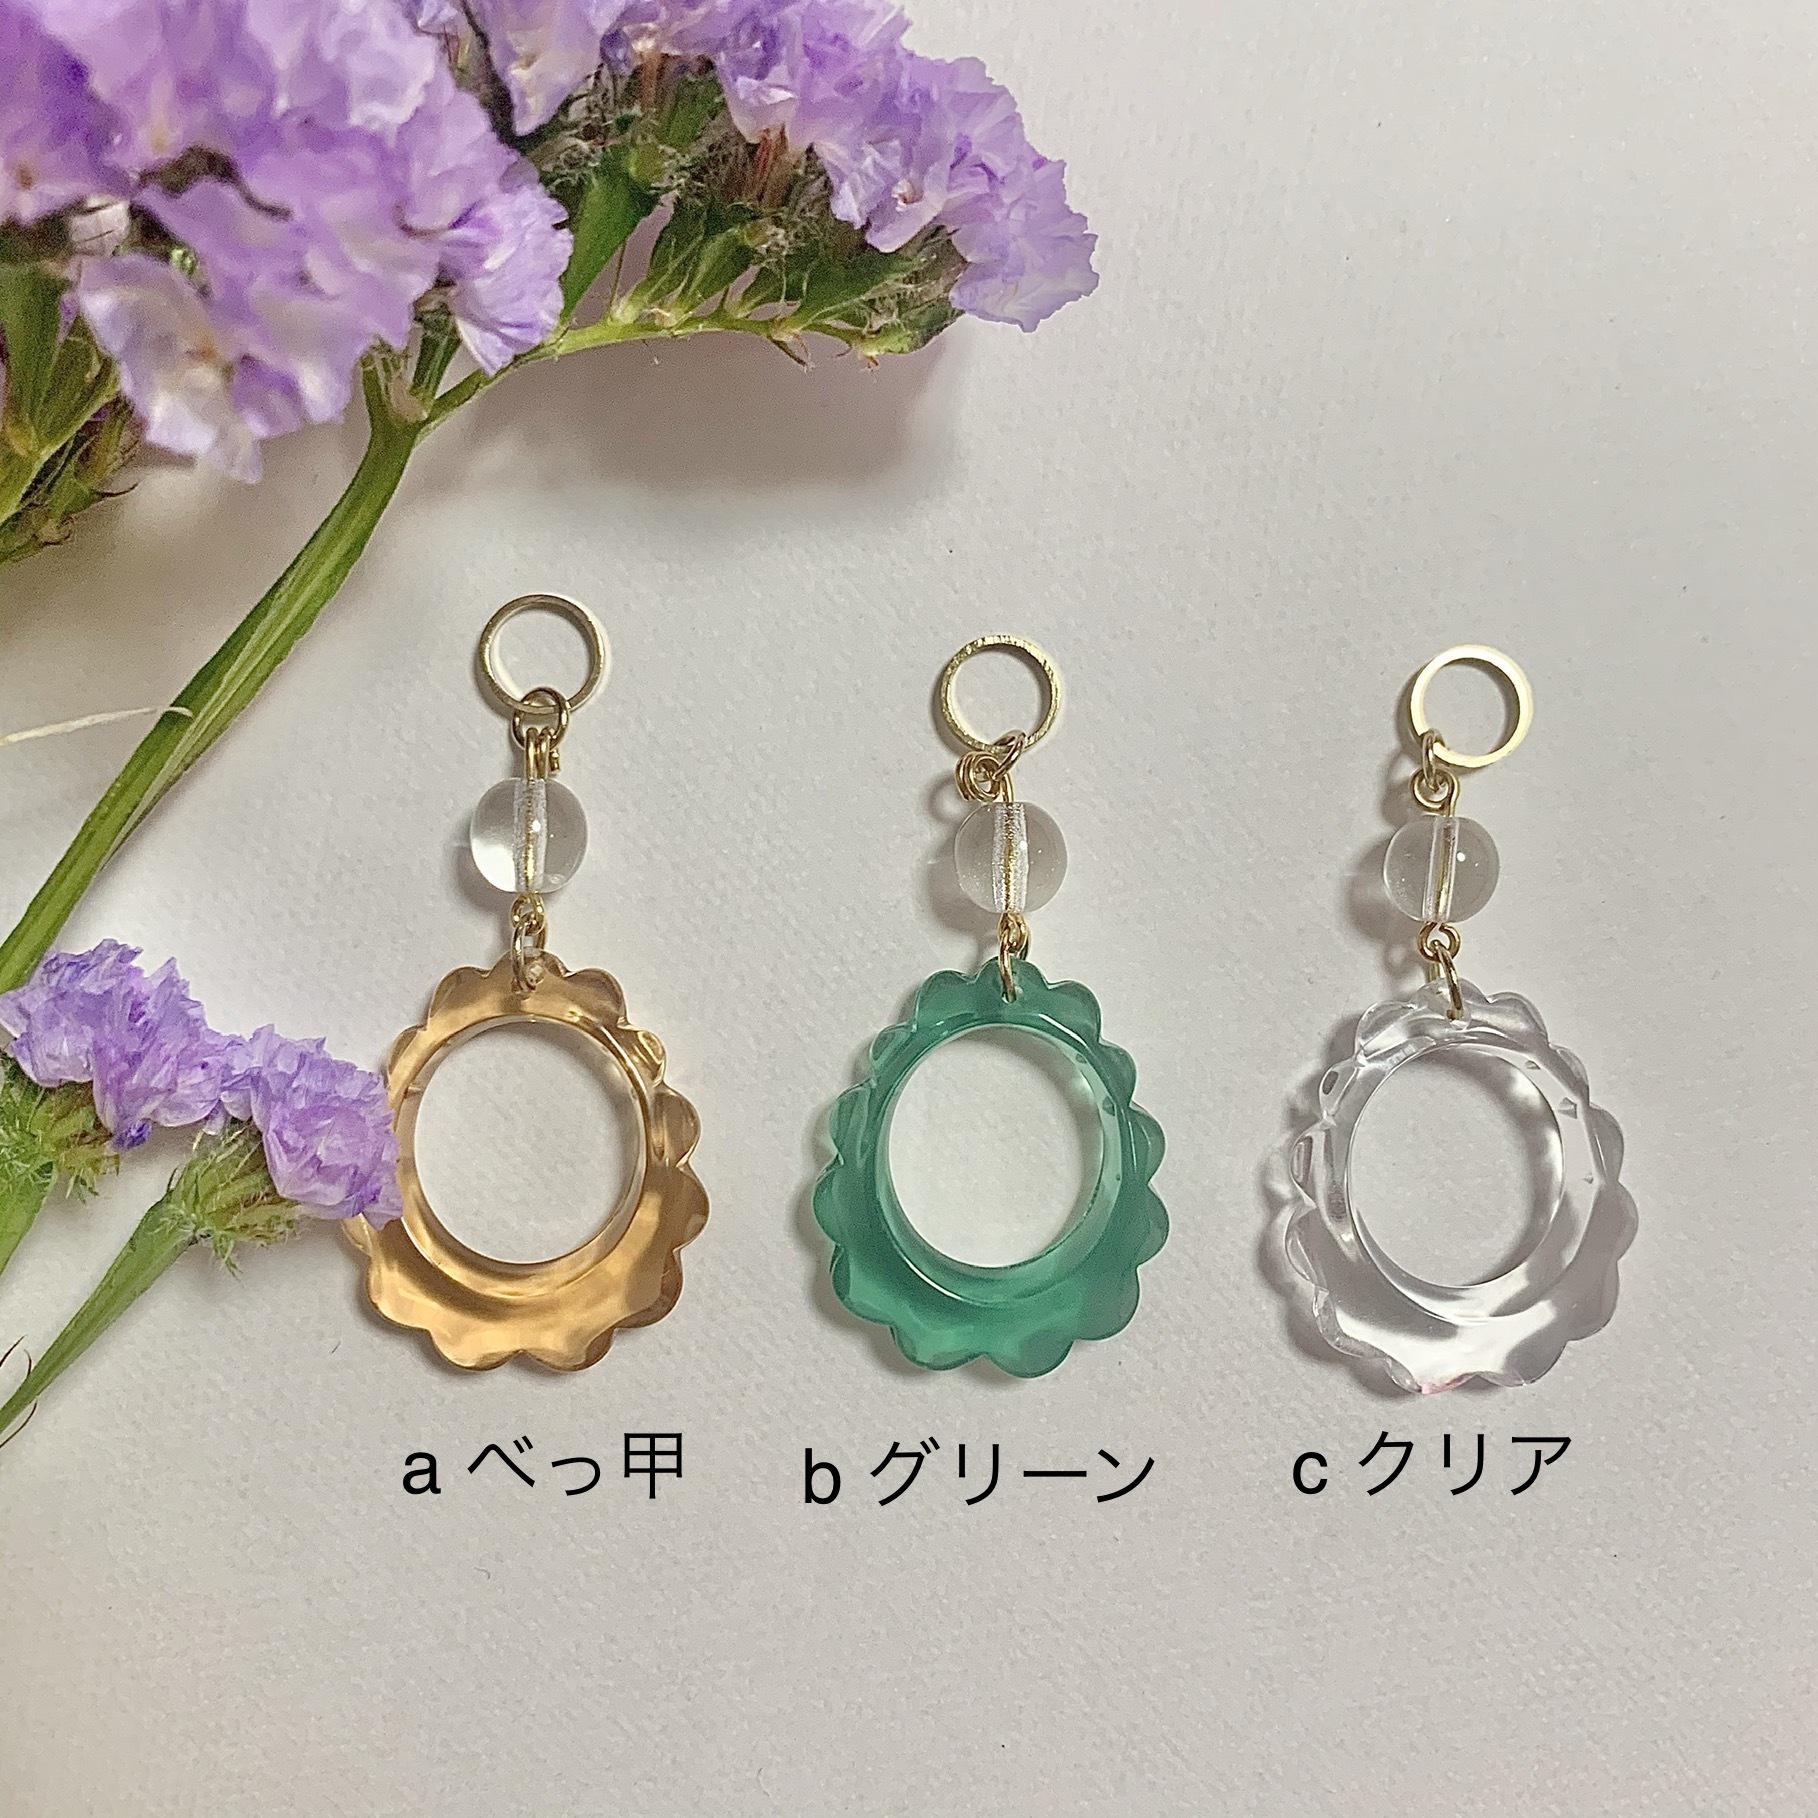 new7/15 silver ライン登場!)) エンドパーツ